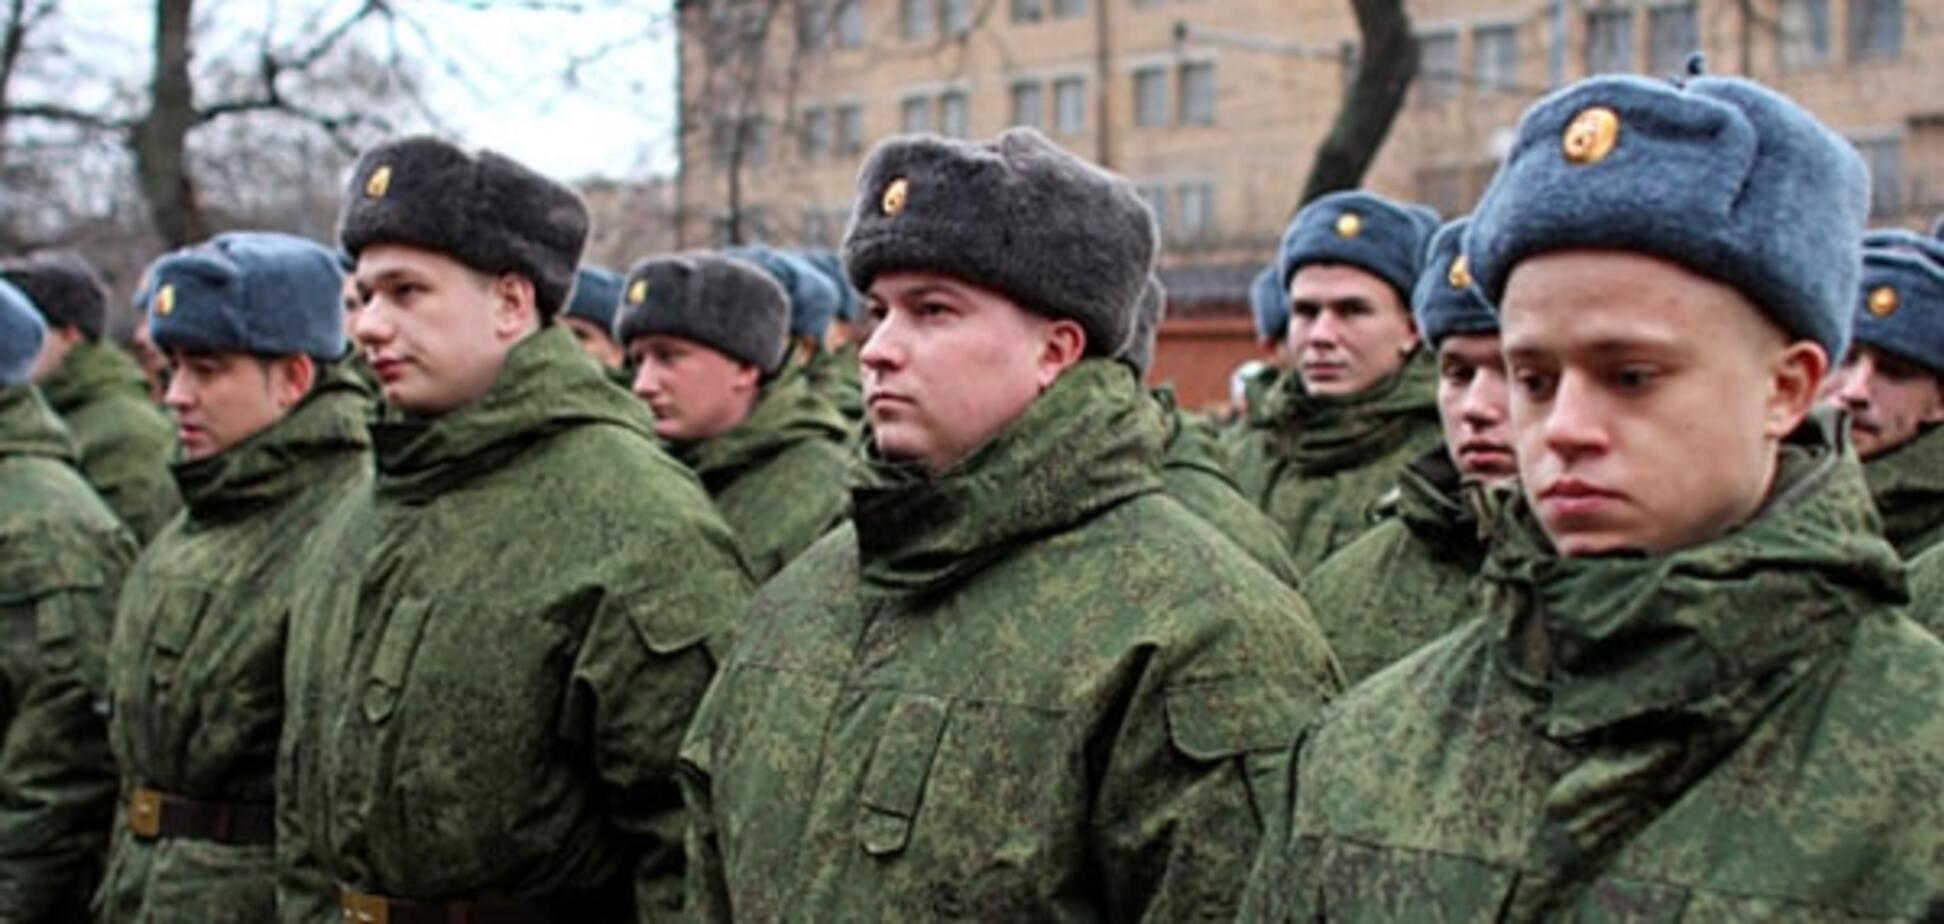 Окупанти погрожують кримським татарам за ухилення від служби в російській армії